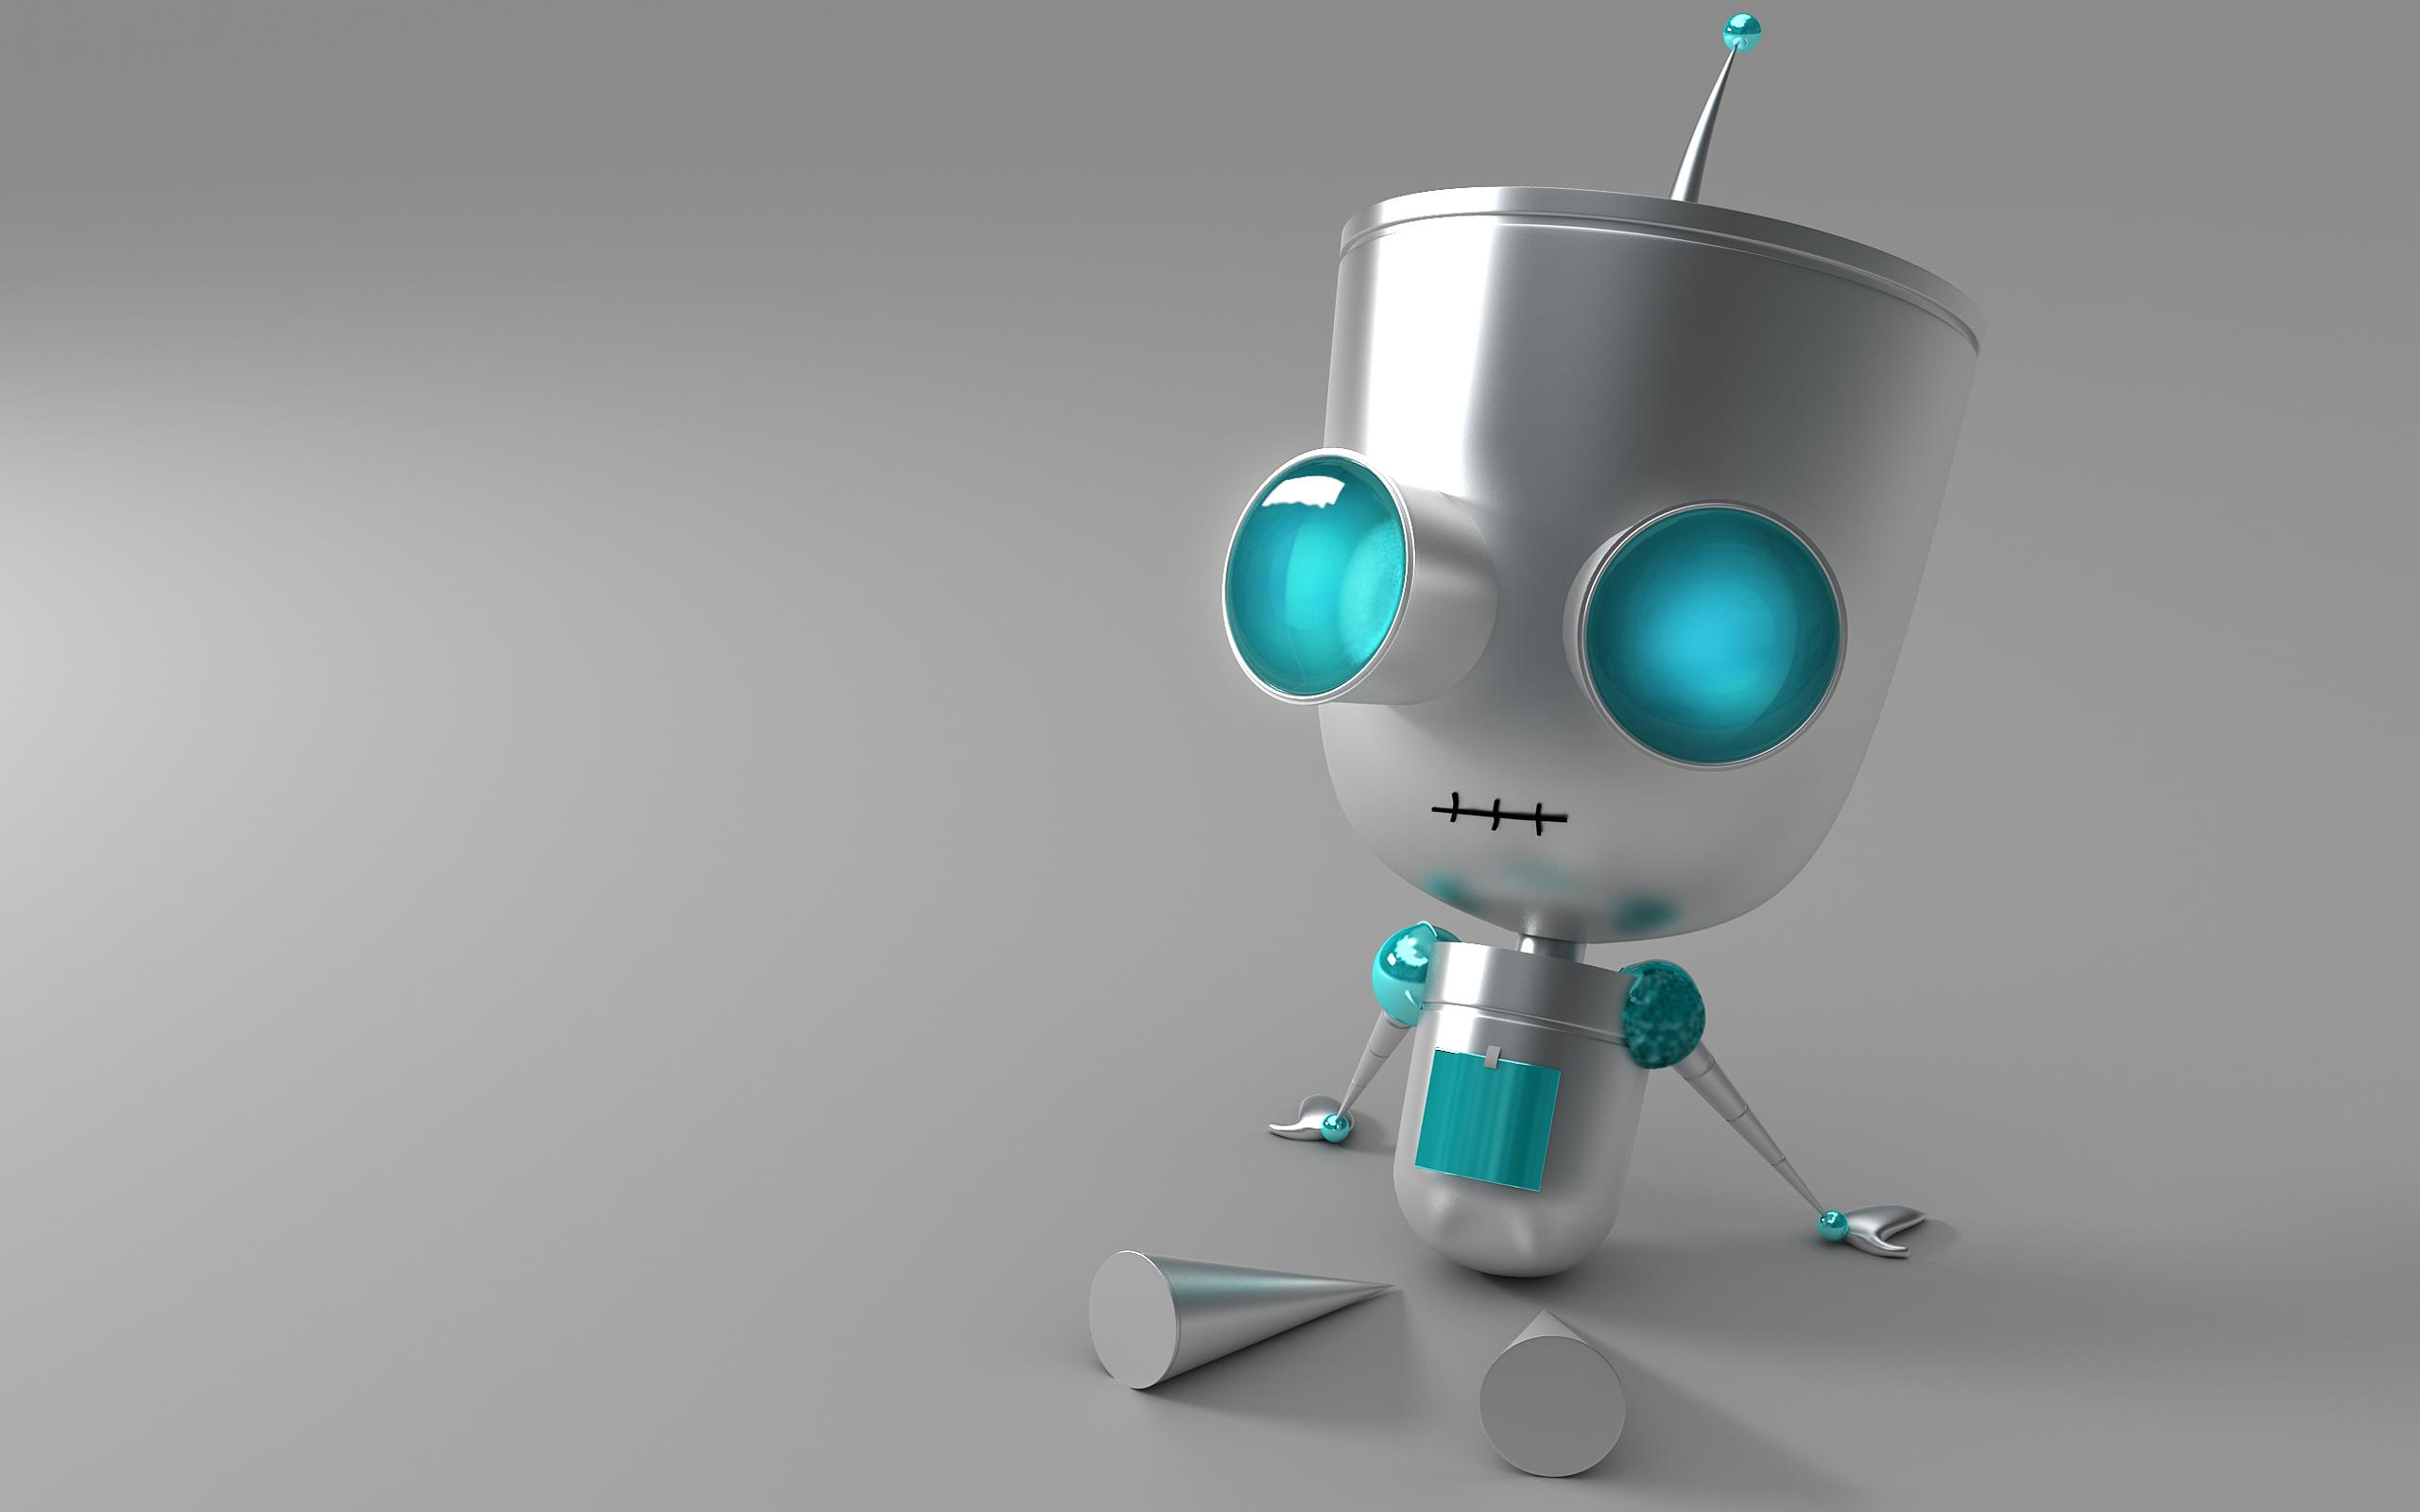 Cute Robot Wallpaper 42252 1920x1080 px